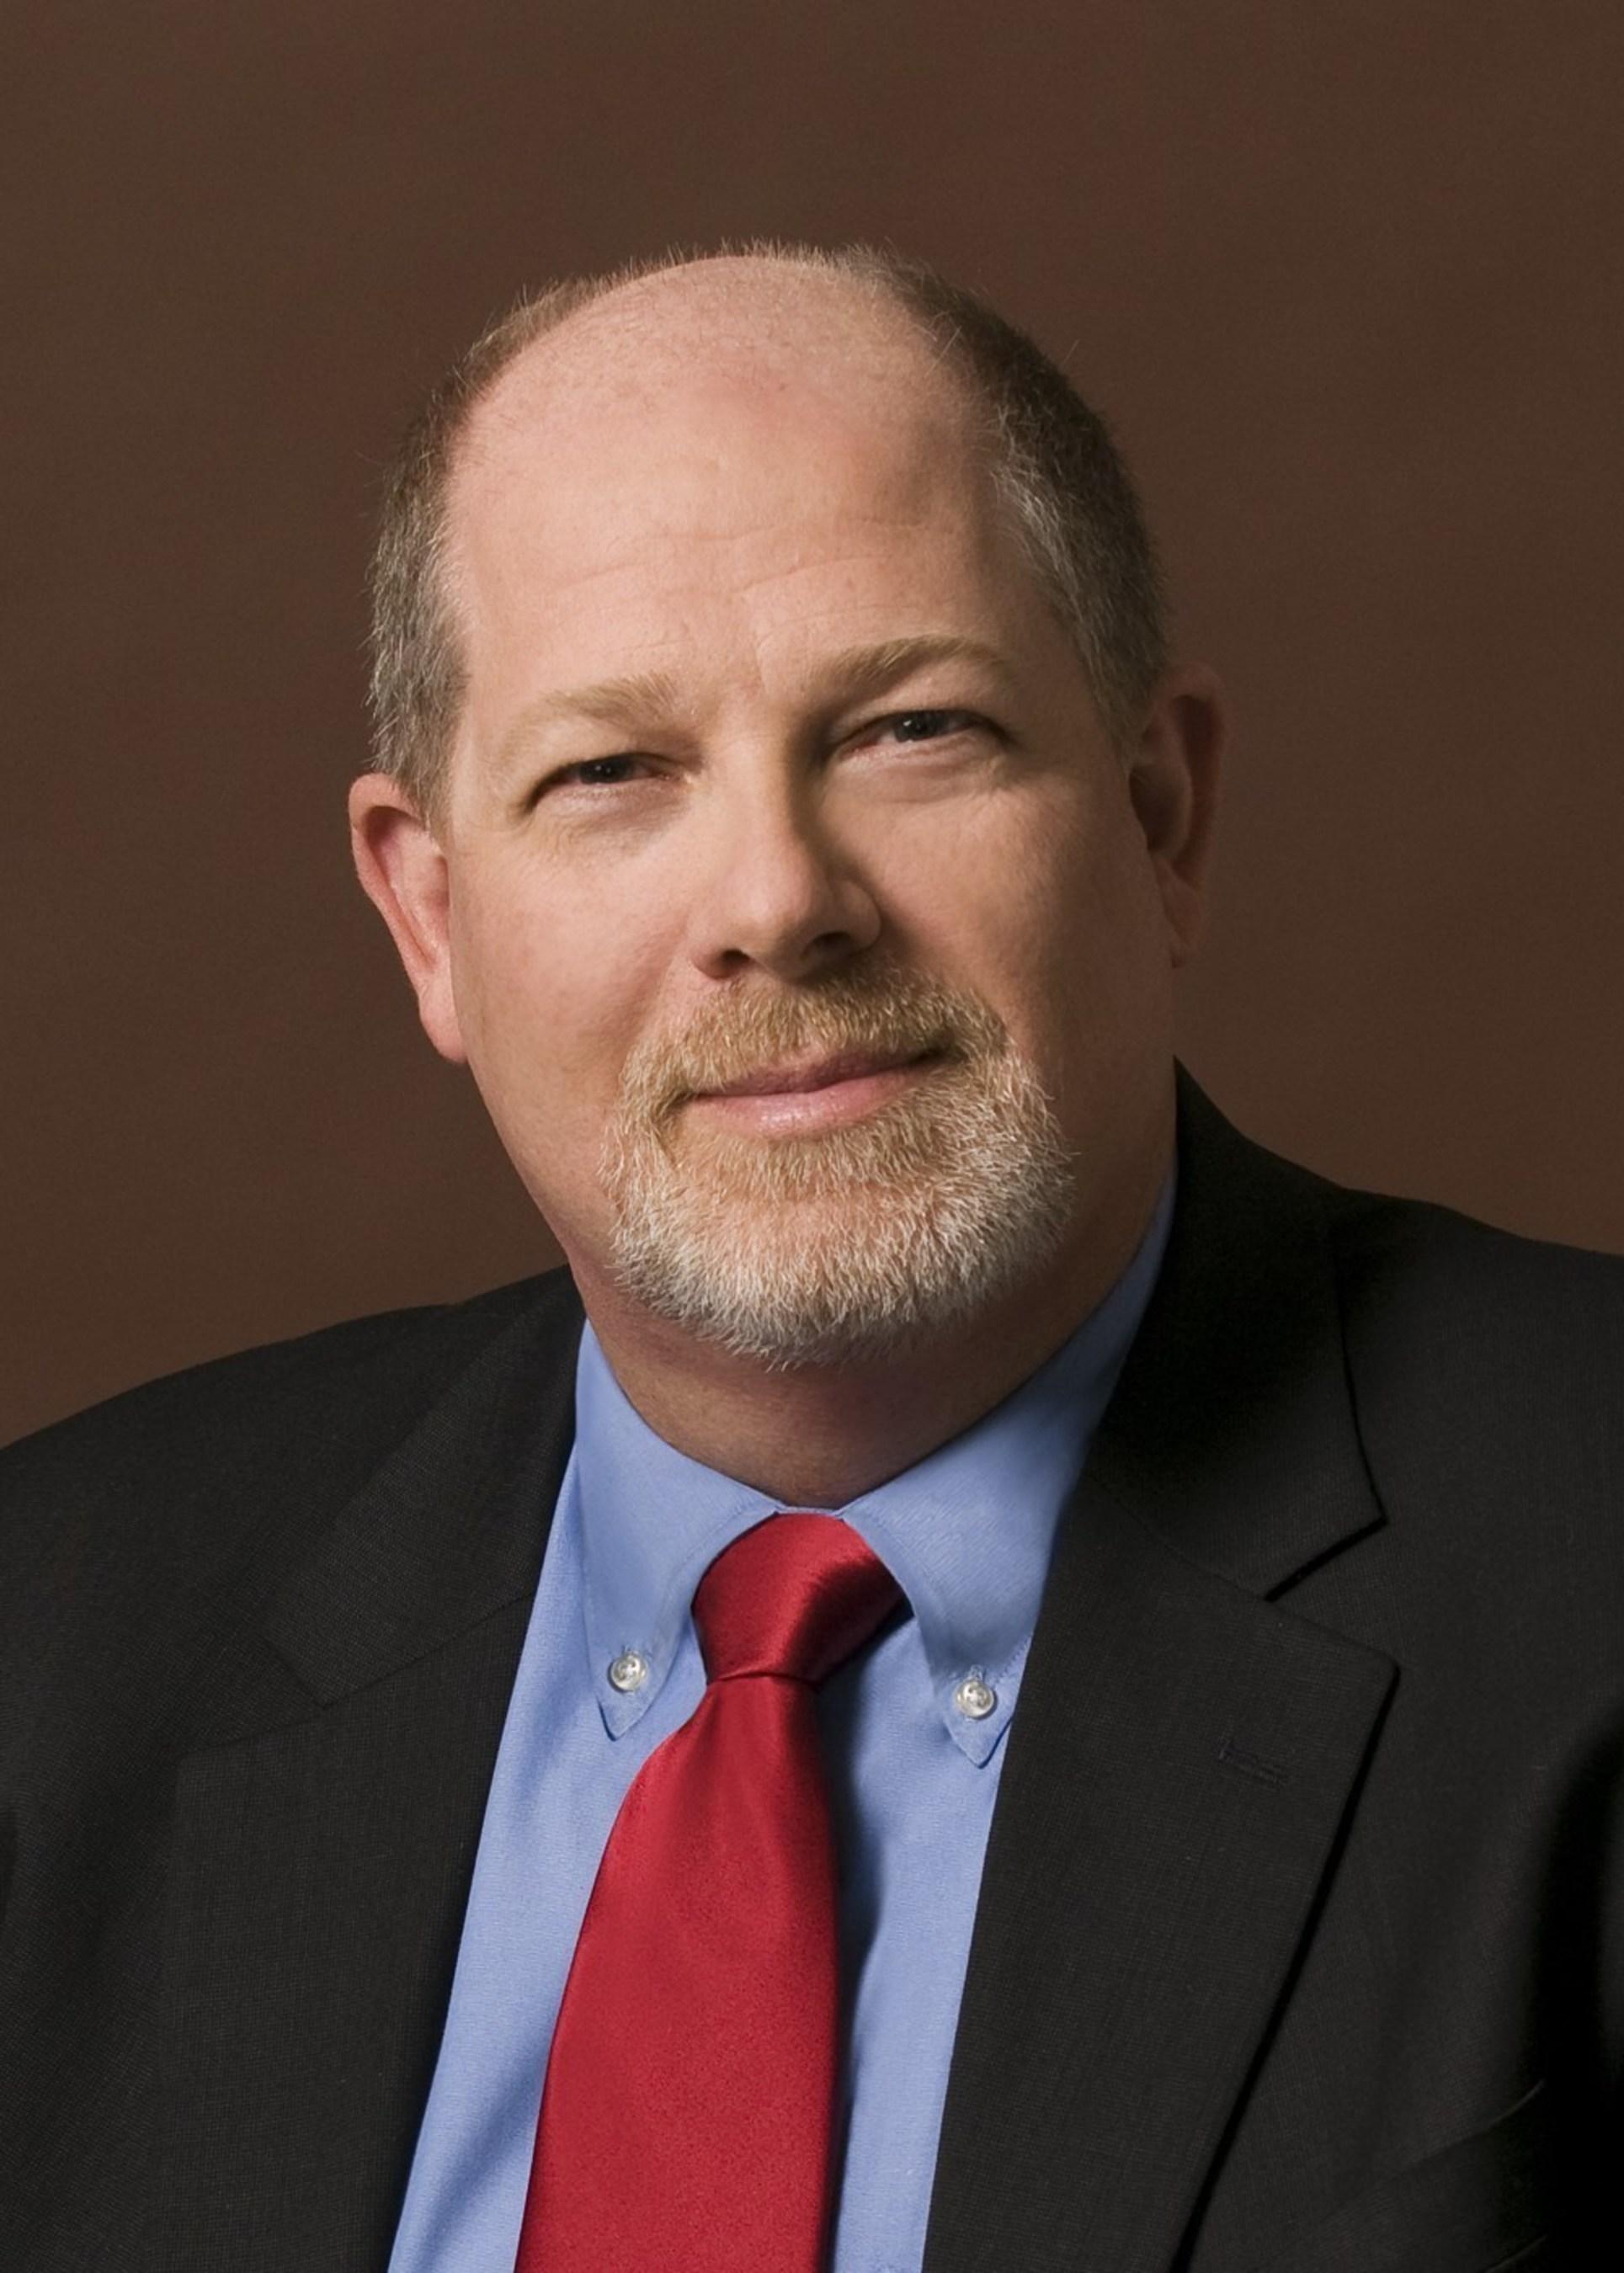 AACSB International nomme le nouveau président-directeur général